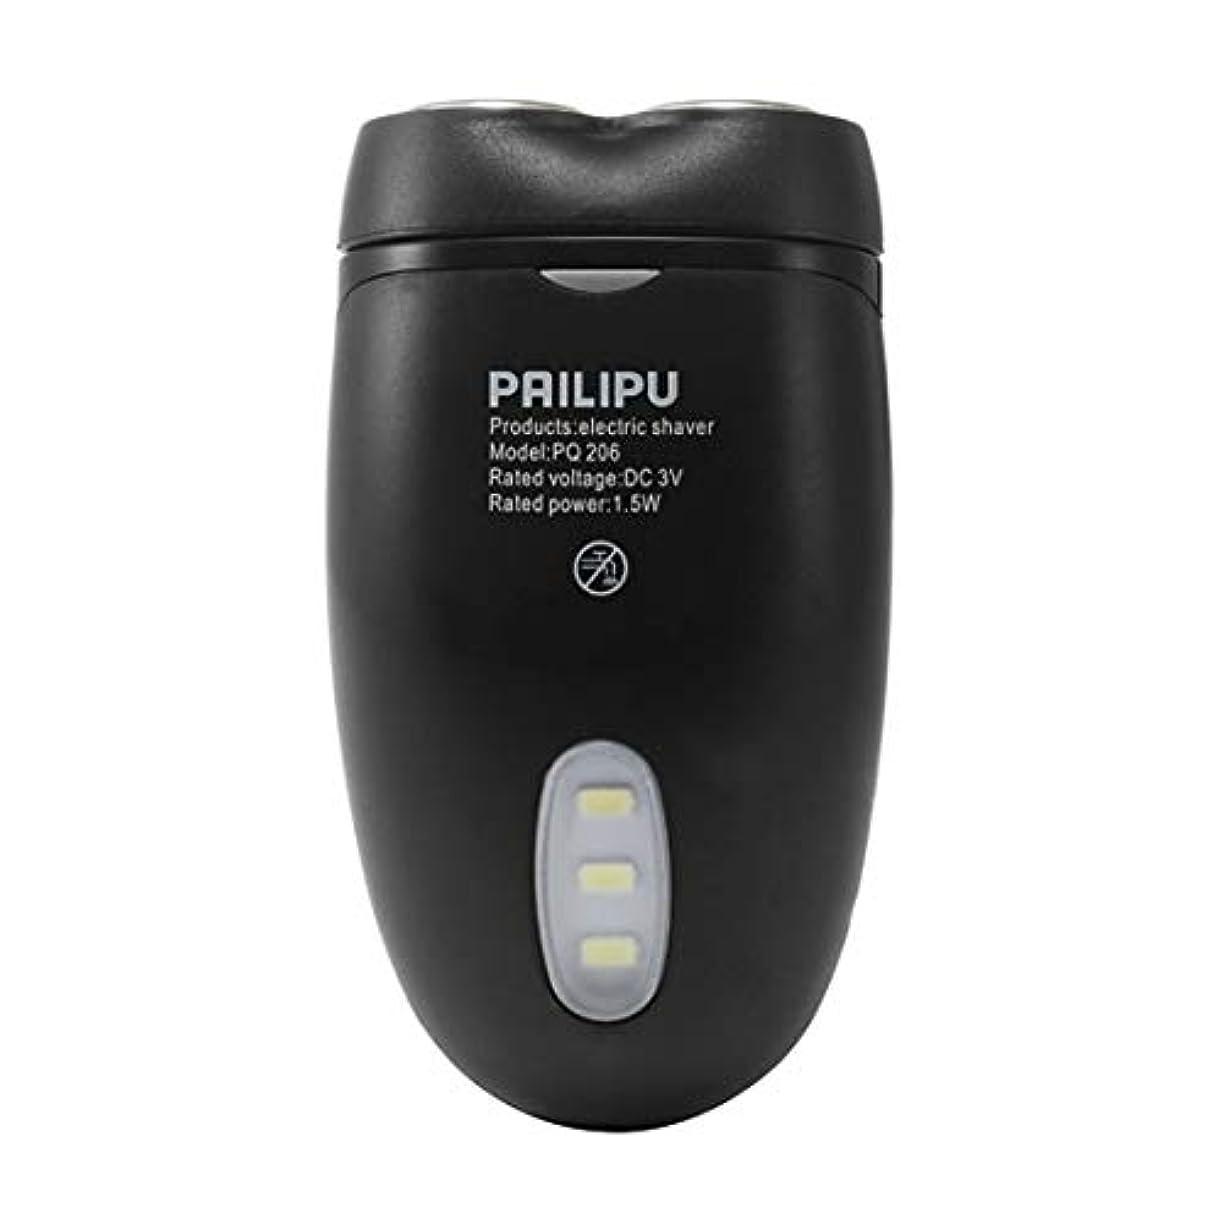 オプショナルスティック木男性コードレス電気シェーバーカミソリひげ毛クリッパーバッテリー駆動多機能ダブルヘッド付きLED照明(黒)